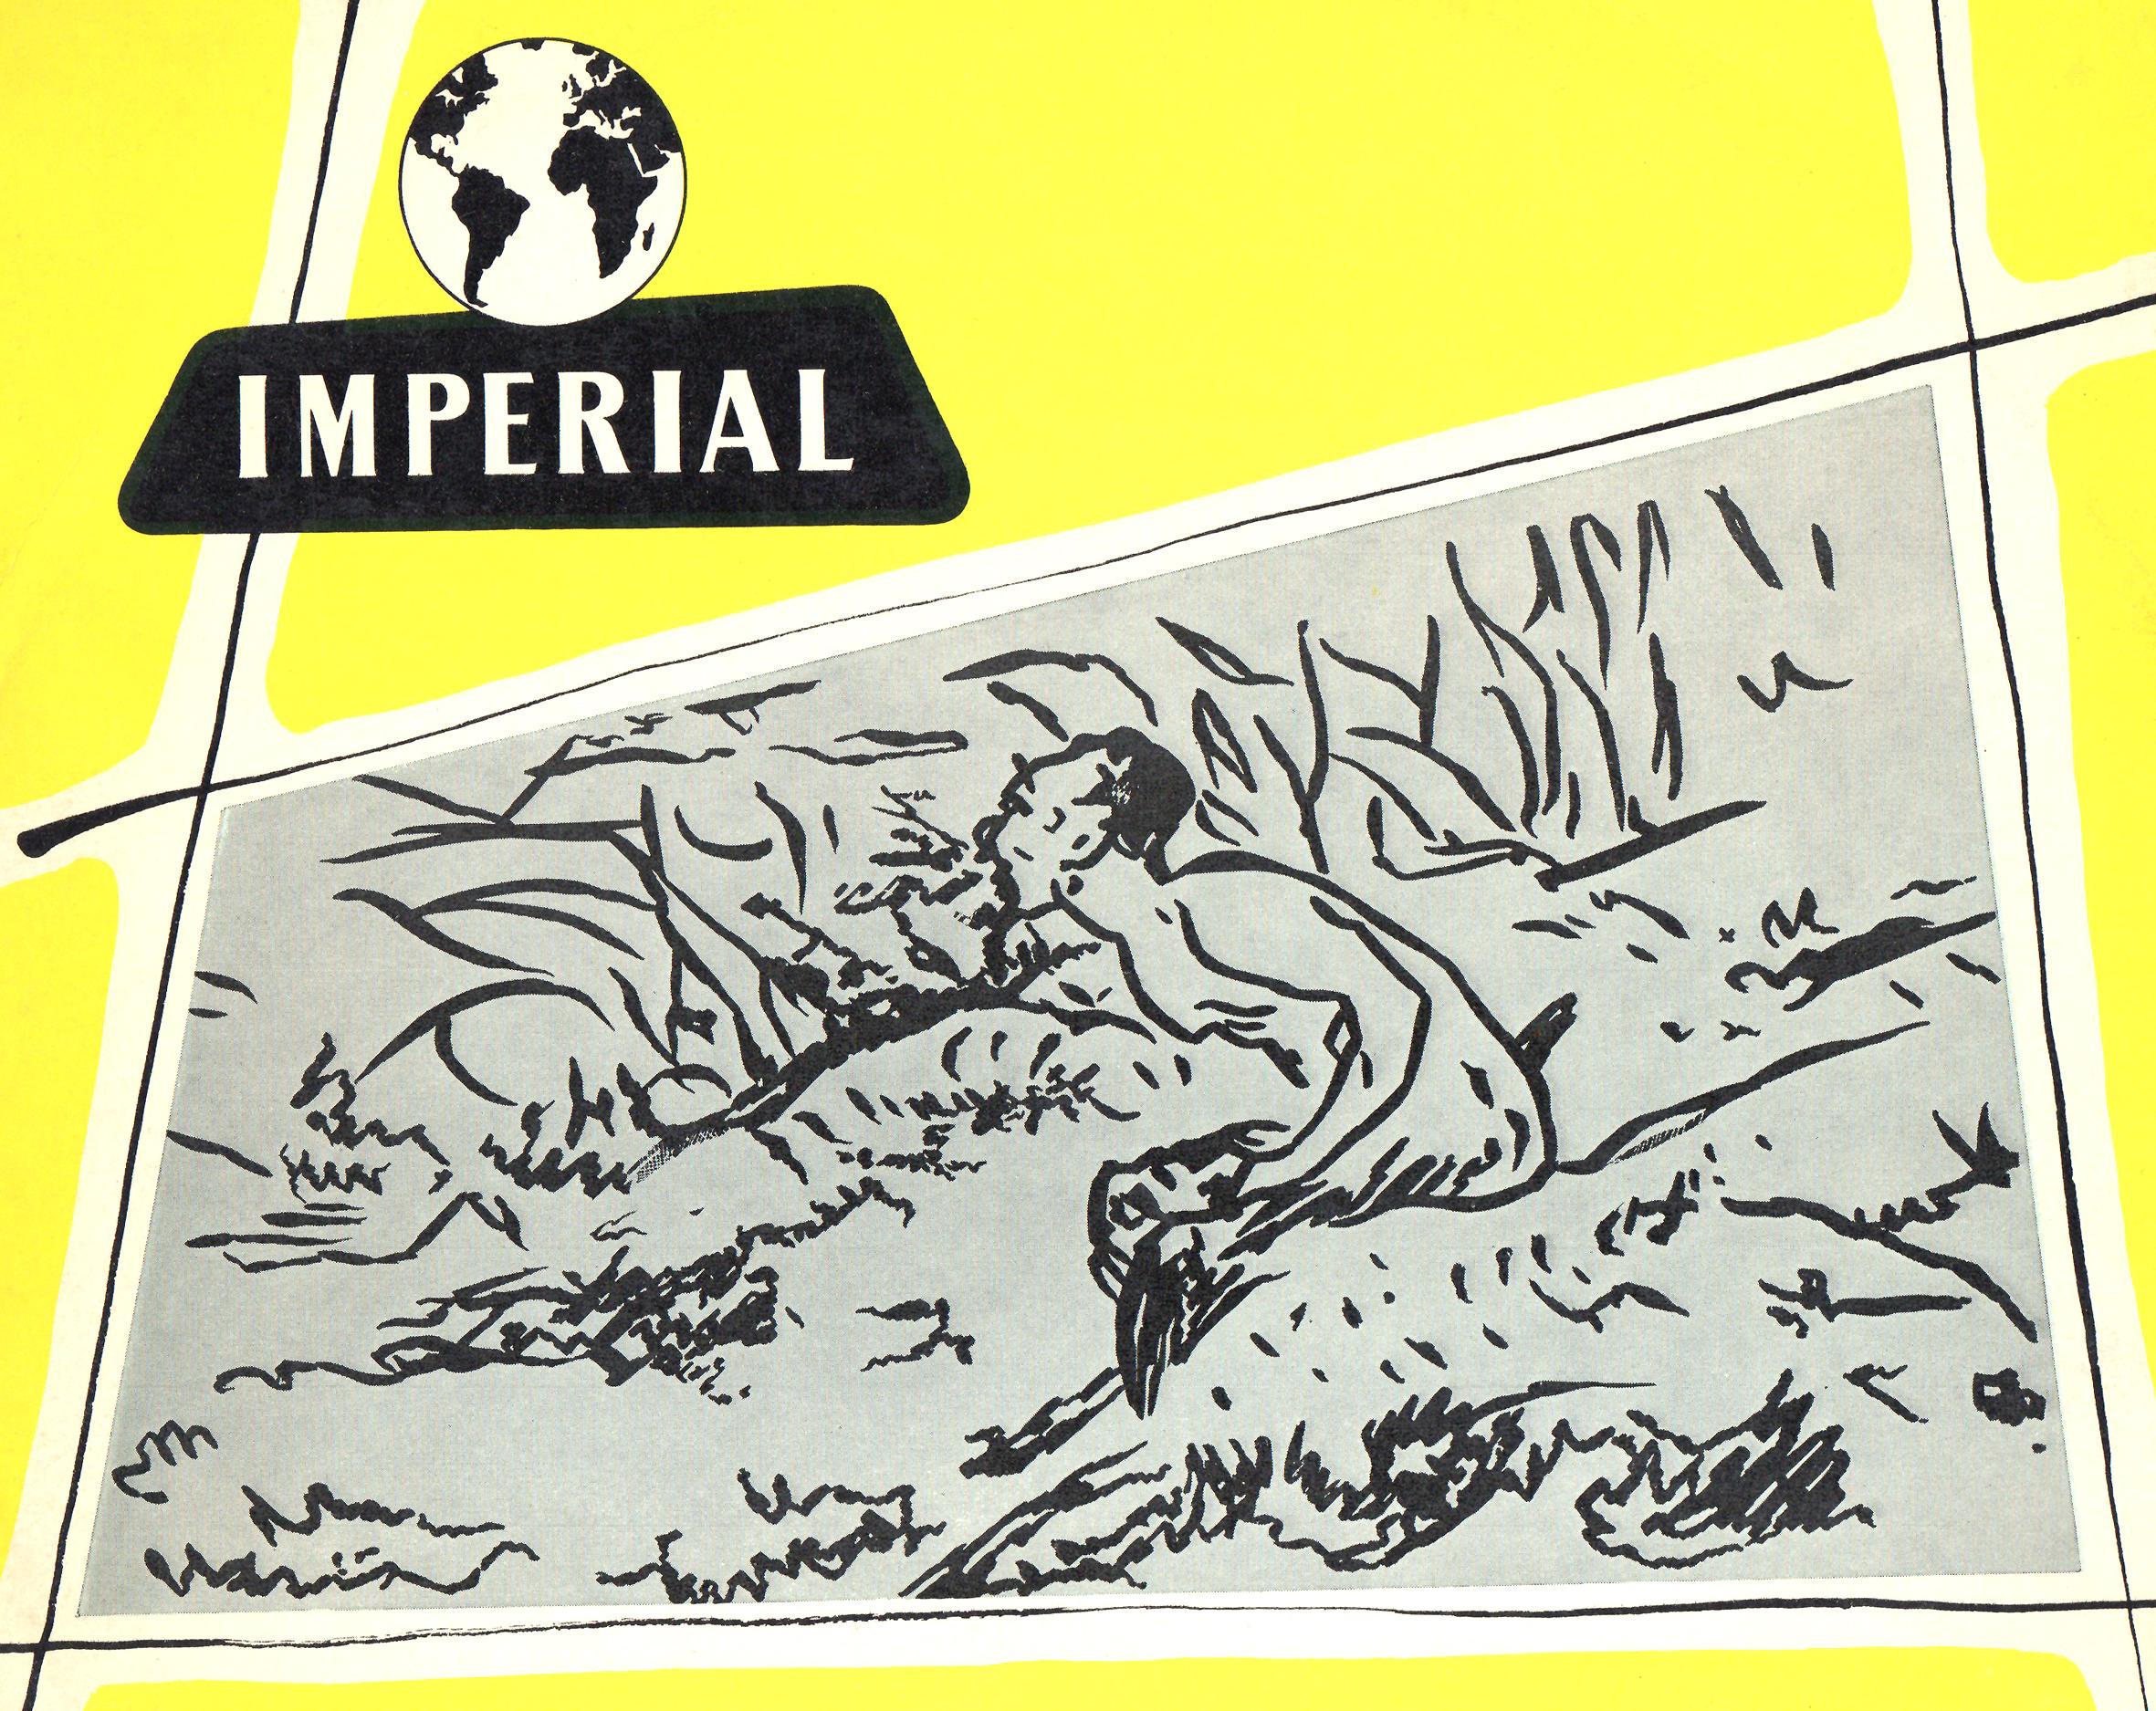 Extrait du recto de la pochette du disque ILP 126, reprenant le dessin d'Édouard Manet fait pour la première édition du poème de Mallarmé, Cliquer sur la photo pour une vue agrandie et quelques infos